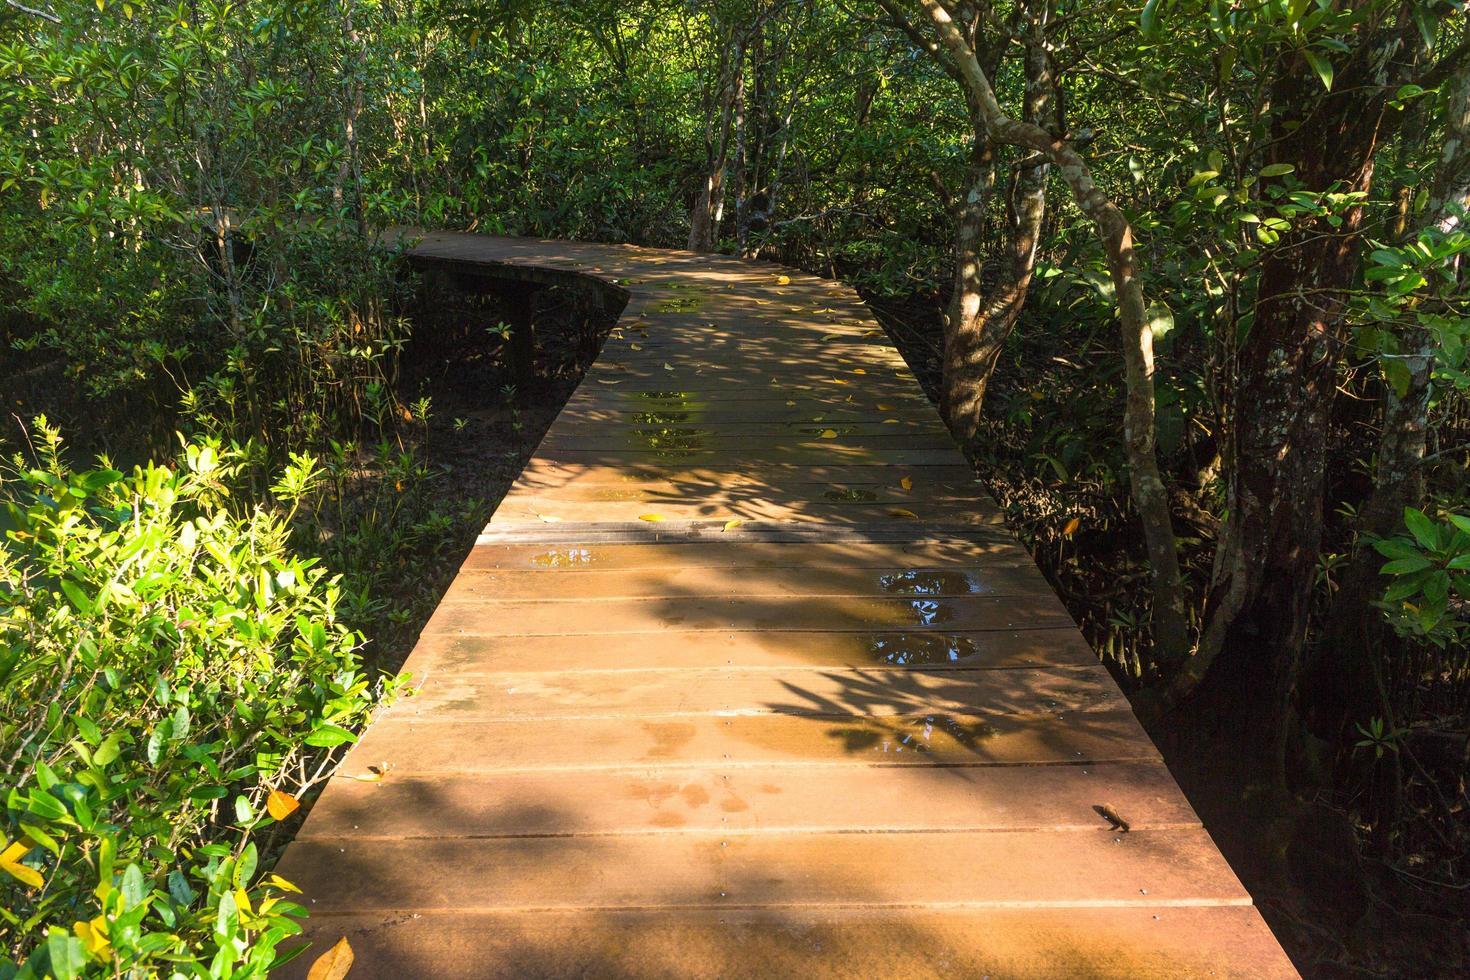 sentier en bois dans une forêt photo